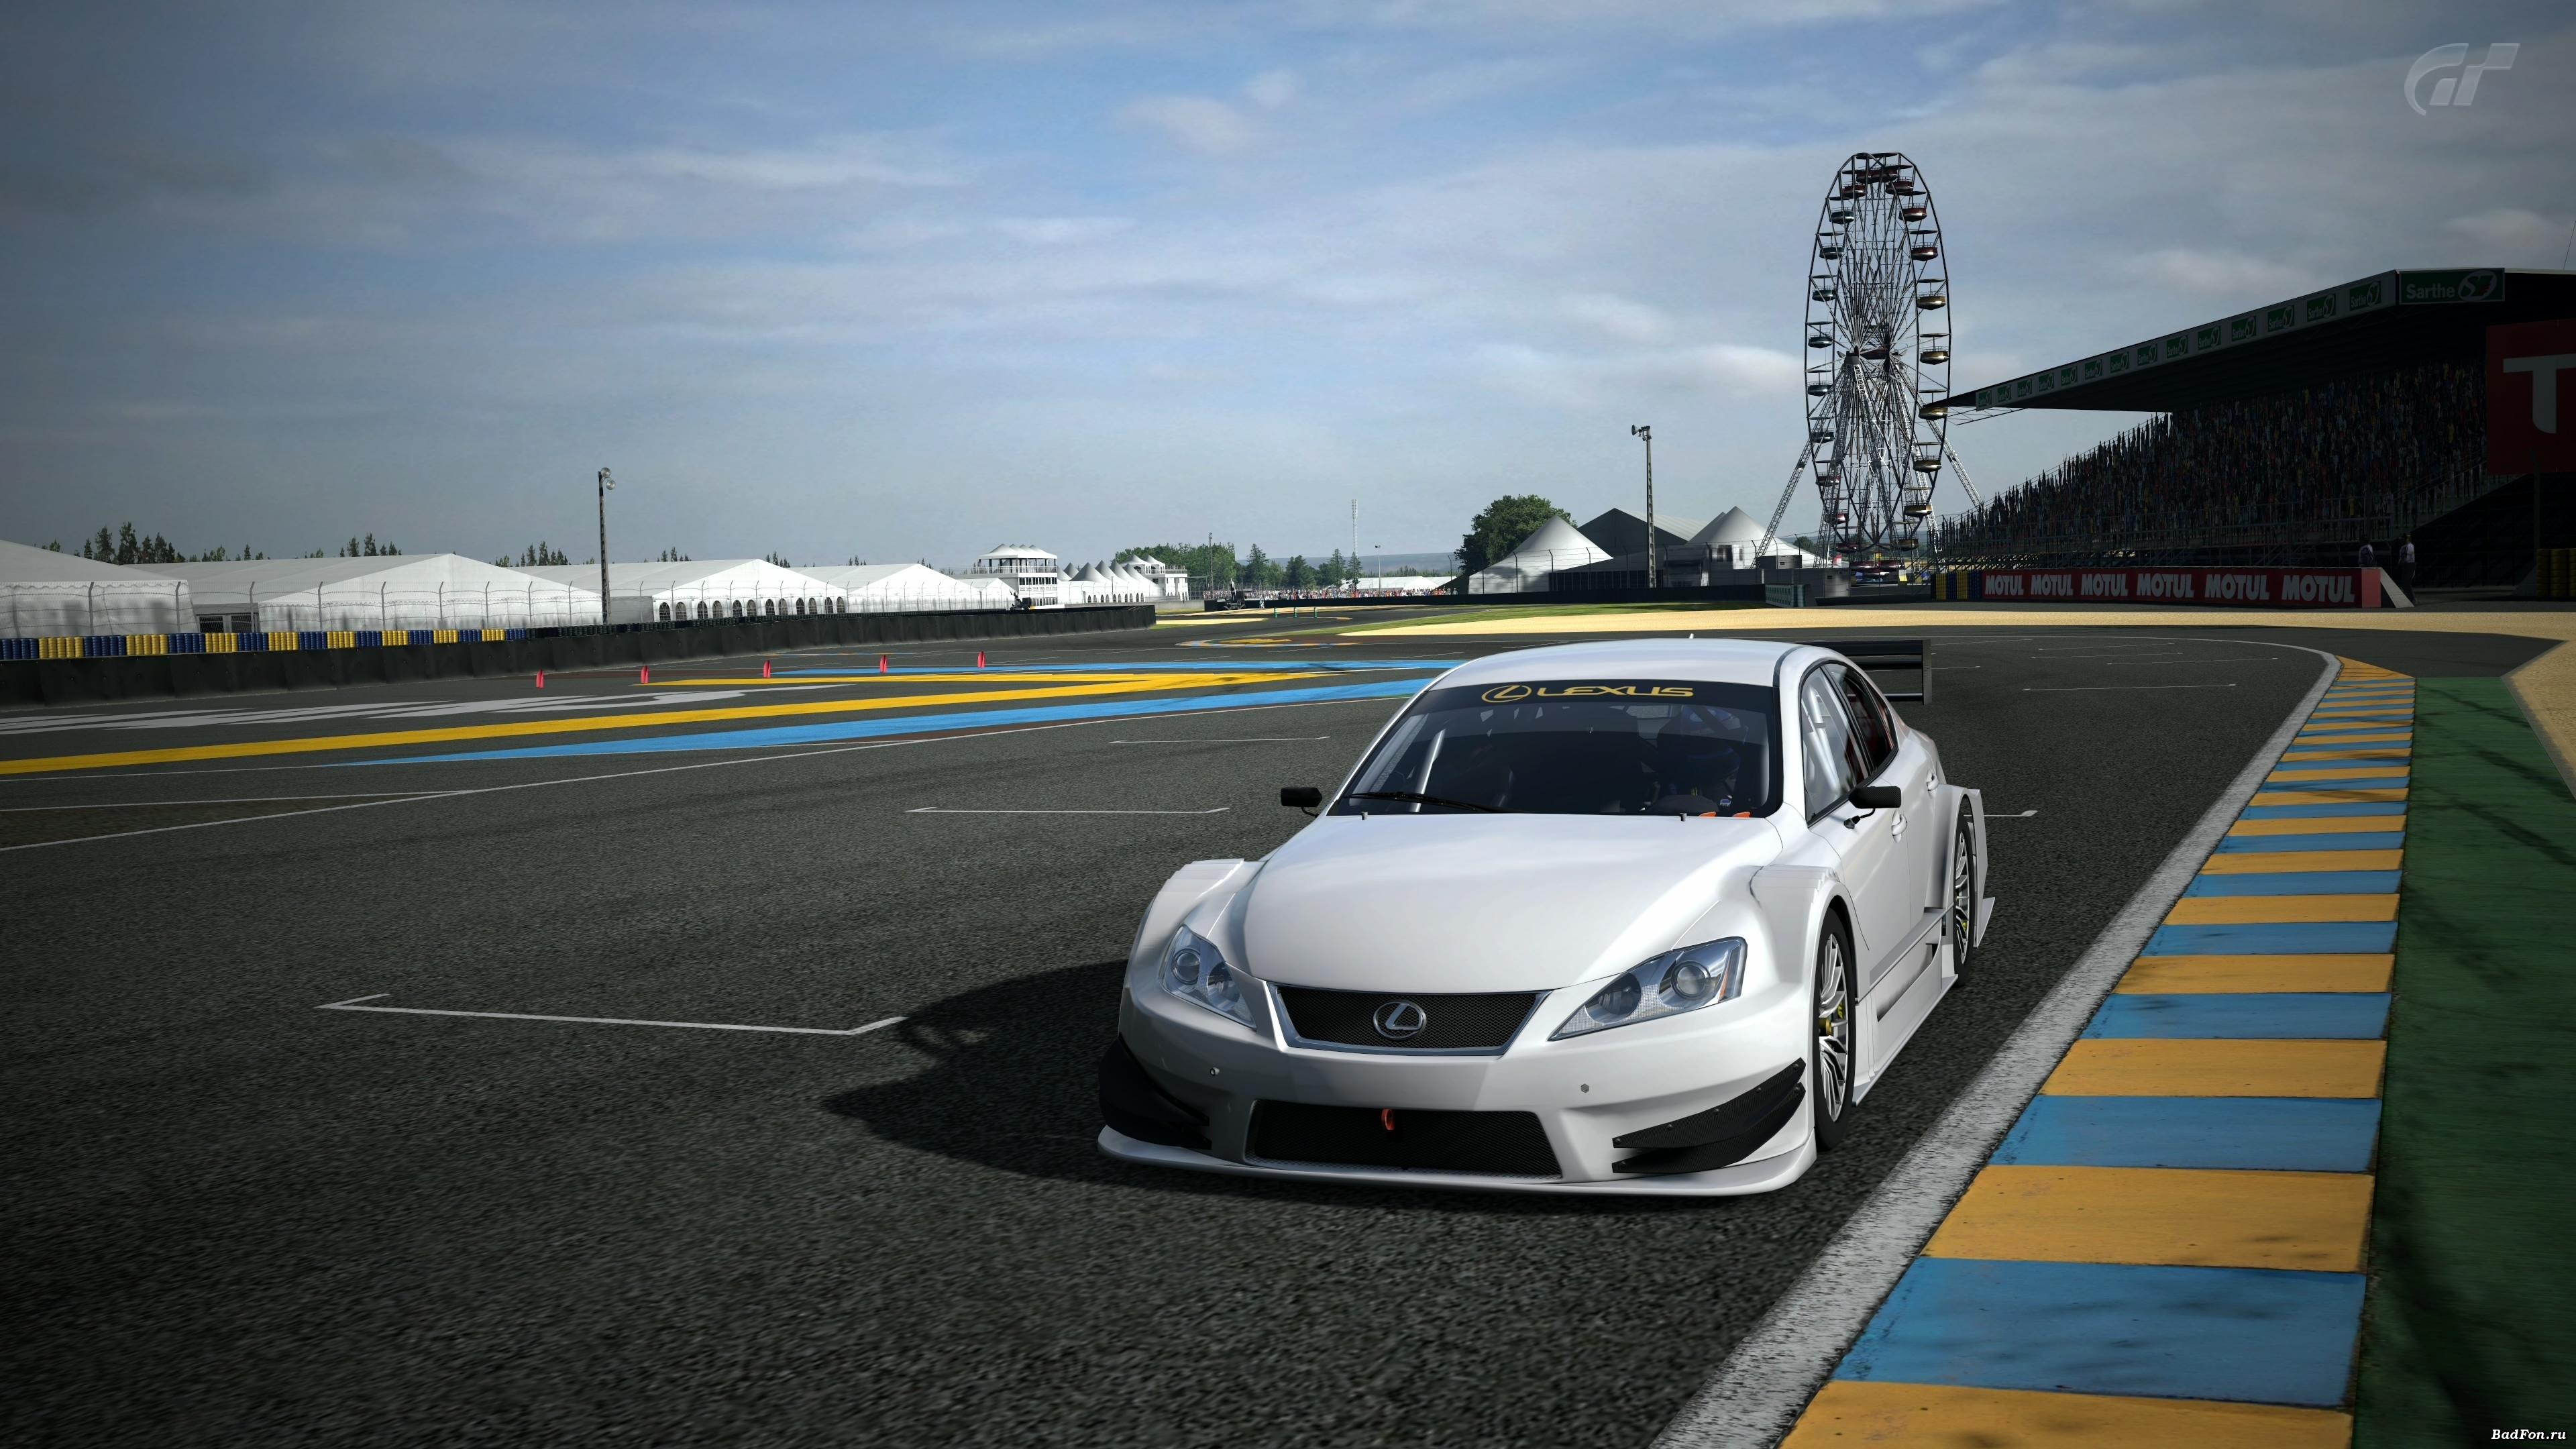 White Race Car 4K 38402160 Wallpaper 38402160 pixel 3840x2160